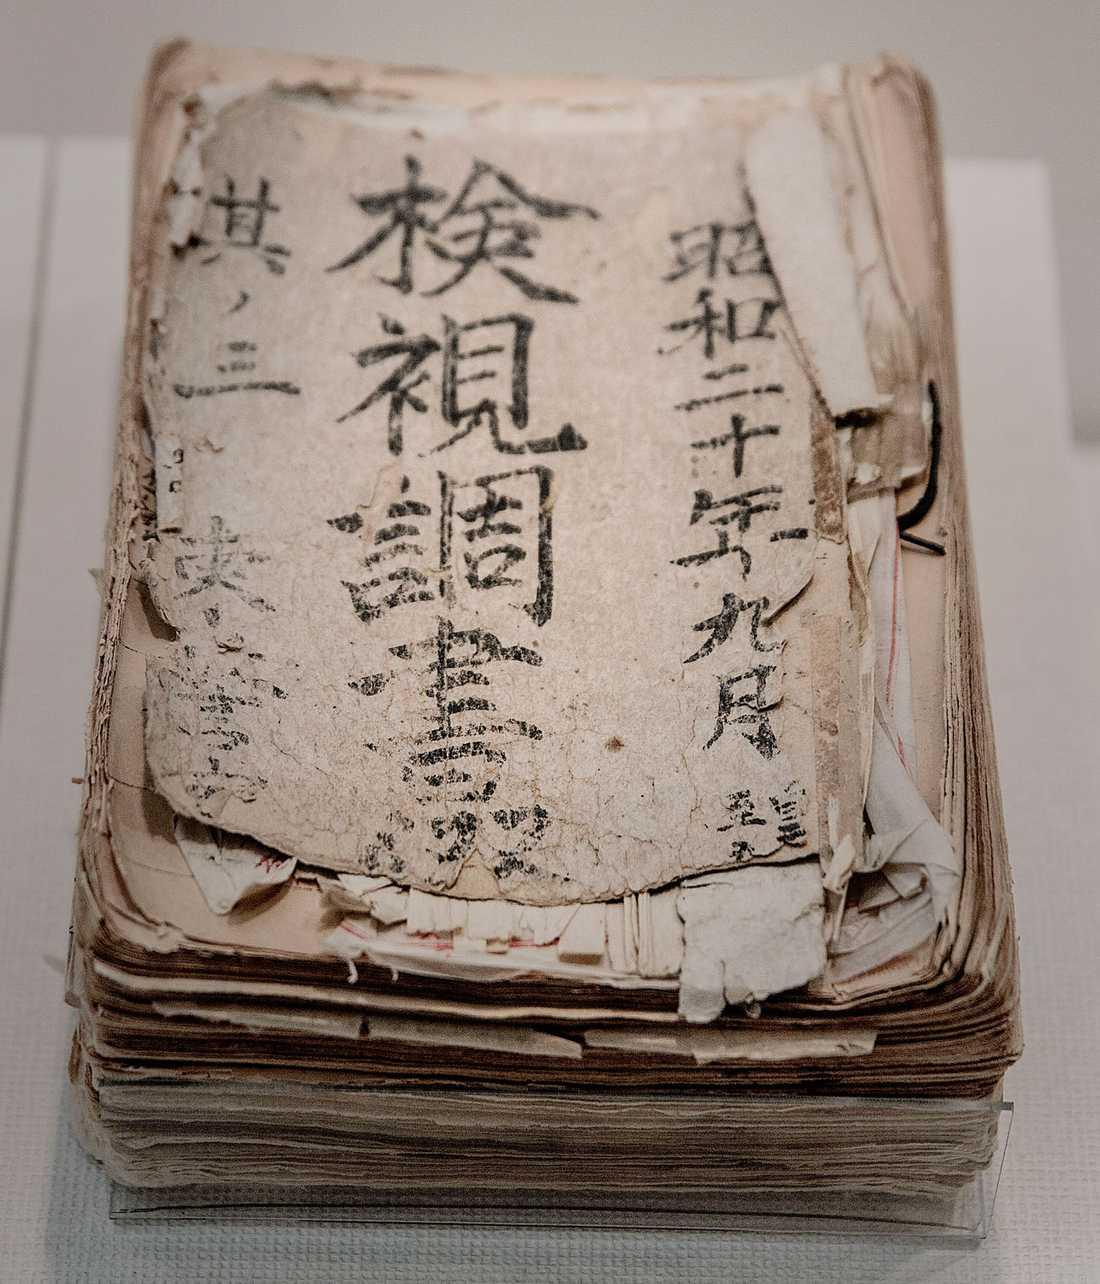 Register med namn och adresser på människor som brändes eller krossades till döds av atombomben. Registren fördes på polisstationen, räddningscenter och kringliggande stadshus.